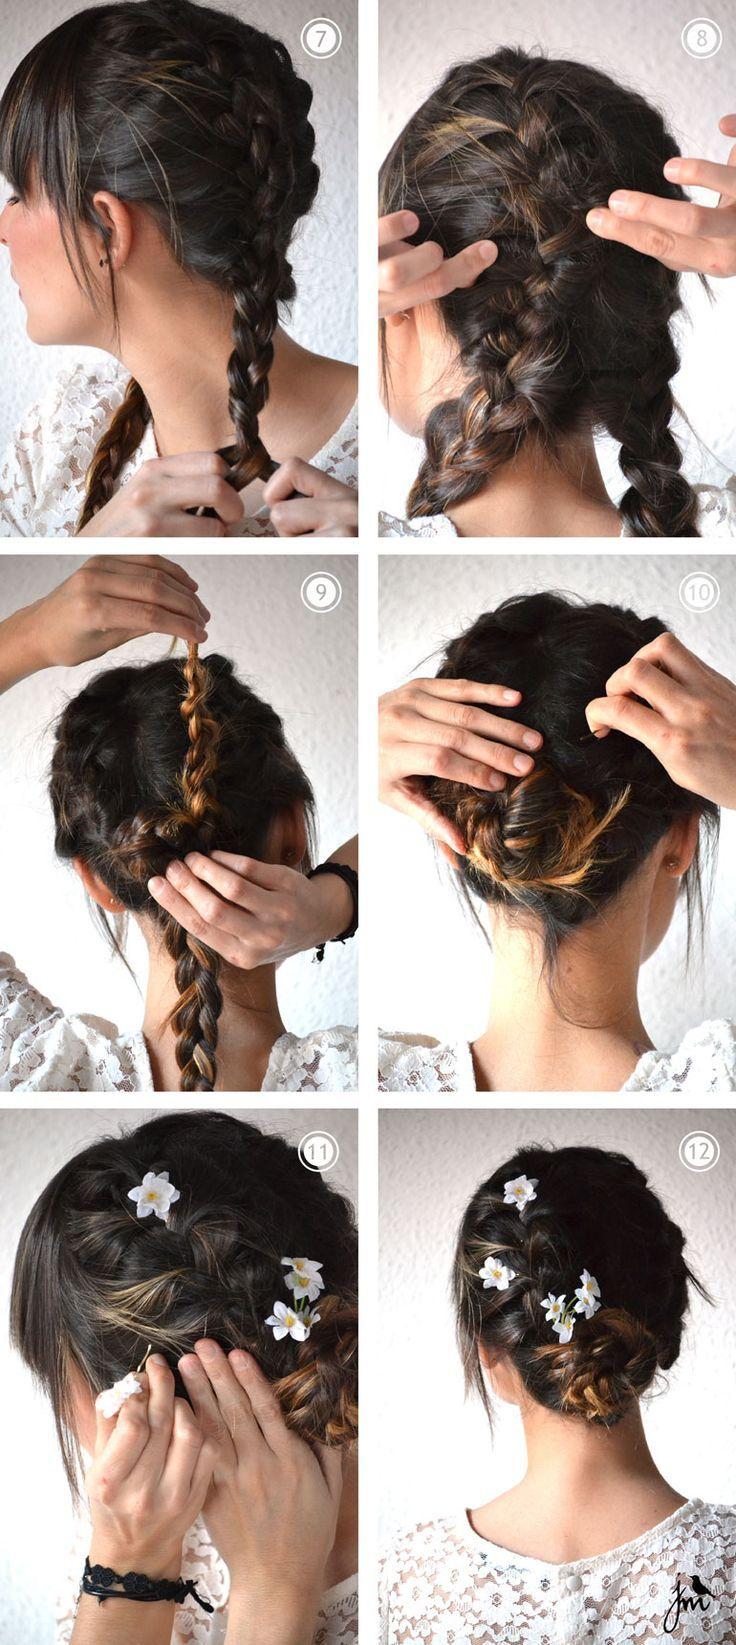 Couronne fleurs cheveux Cheveux, Coiffure et Coiffure